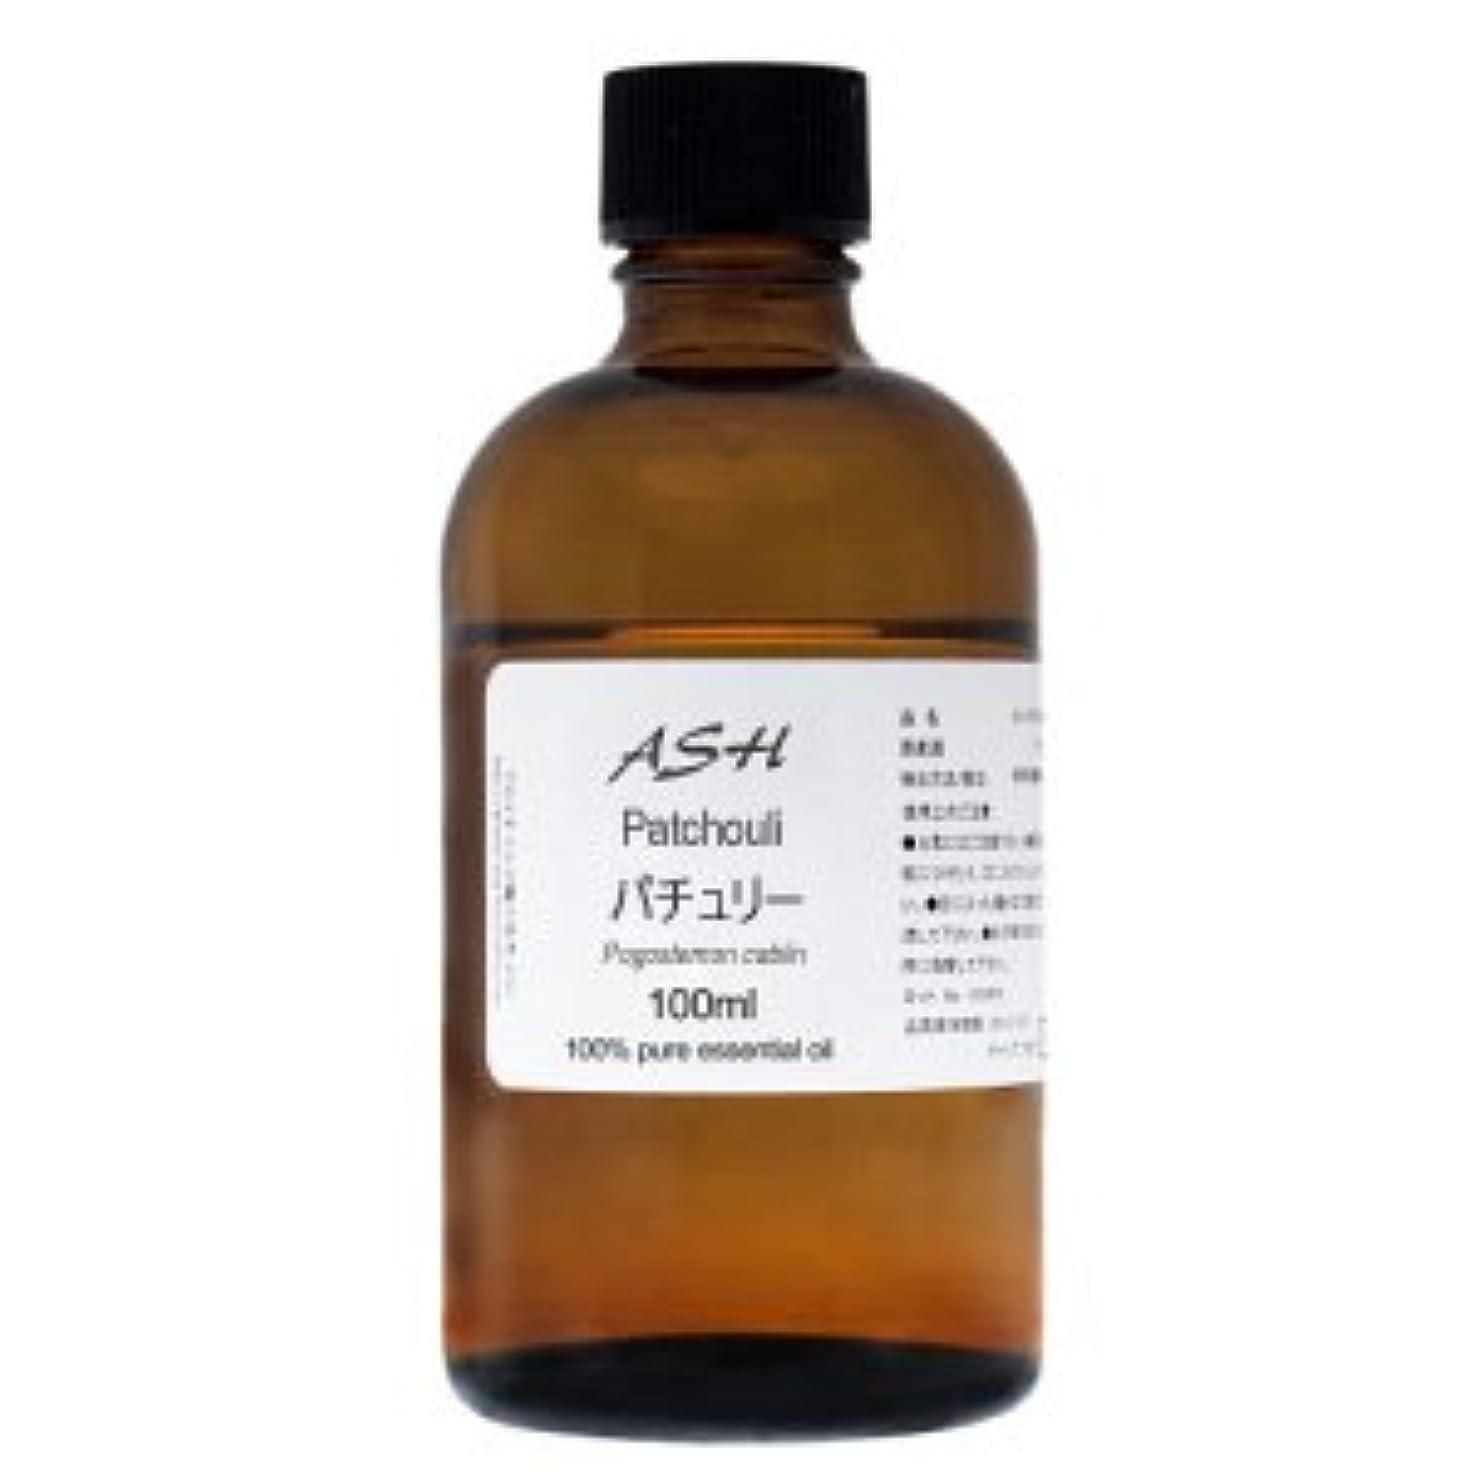 スポーツをする自発的桁ASH パチュリー エッセンシャルオイル 100ml AEAJ表示基準適合認定精油